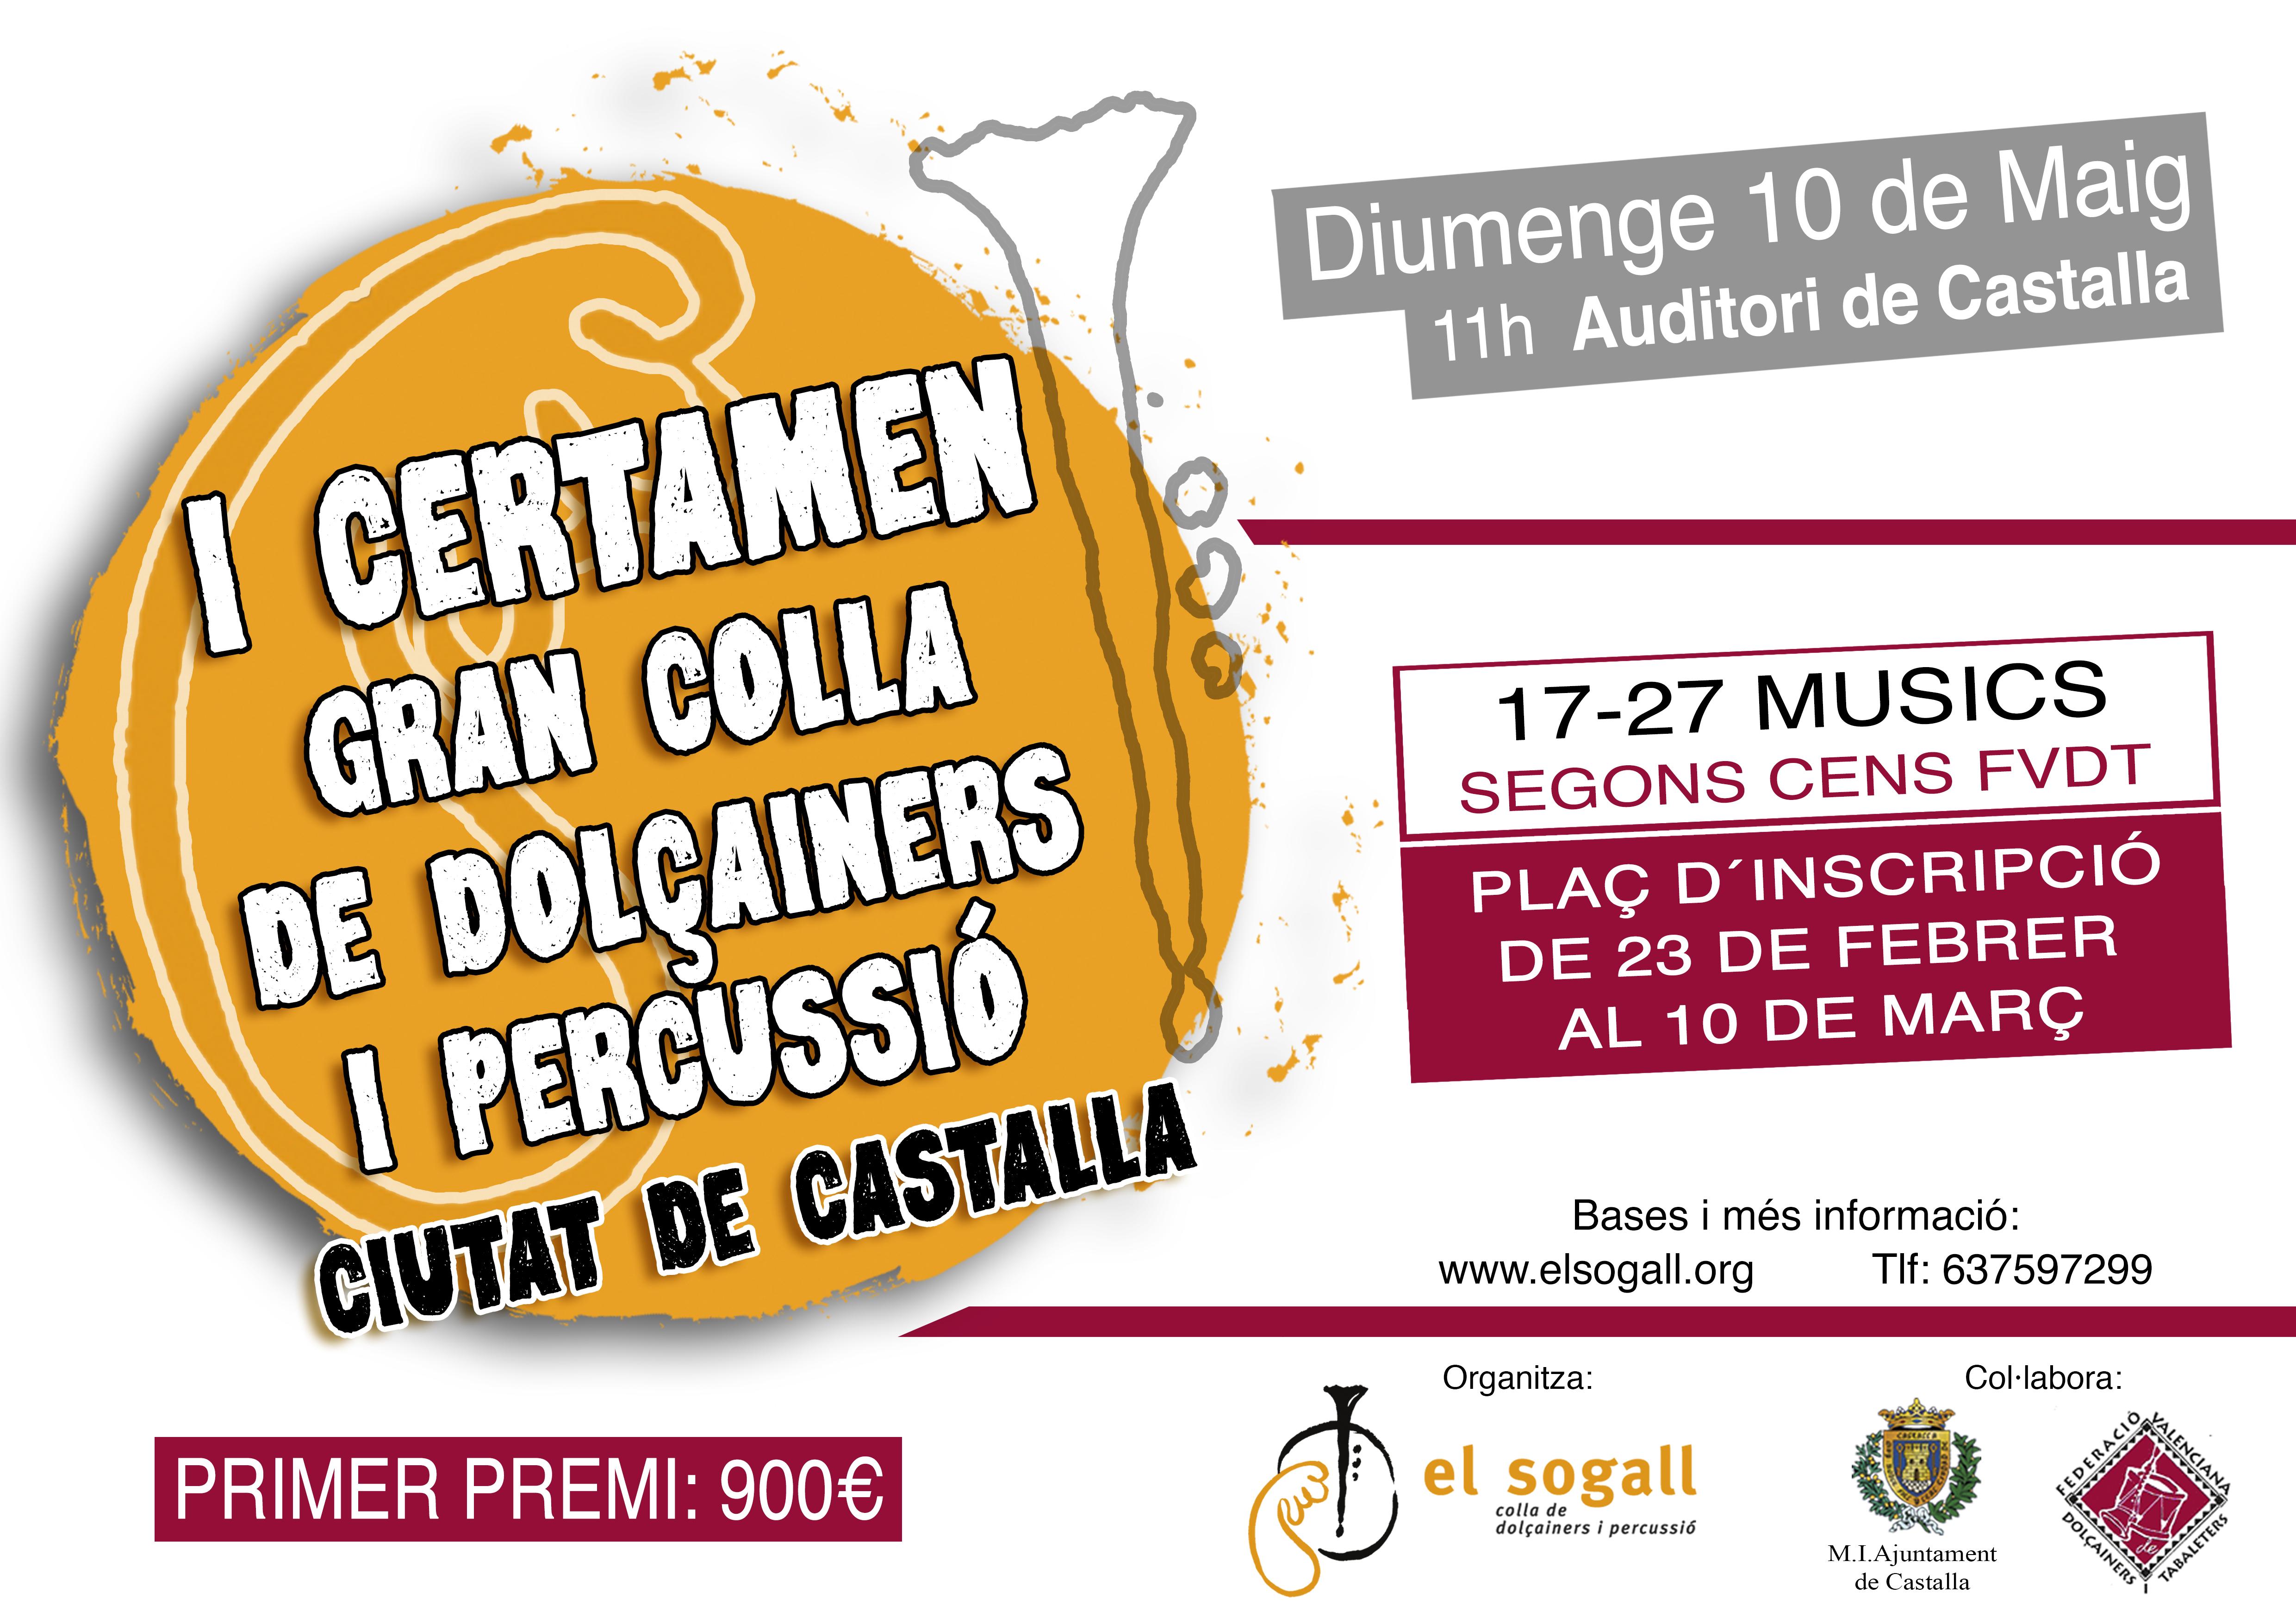 CERTAMEN_CIUTAT DE CASTALLA 2015